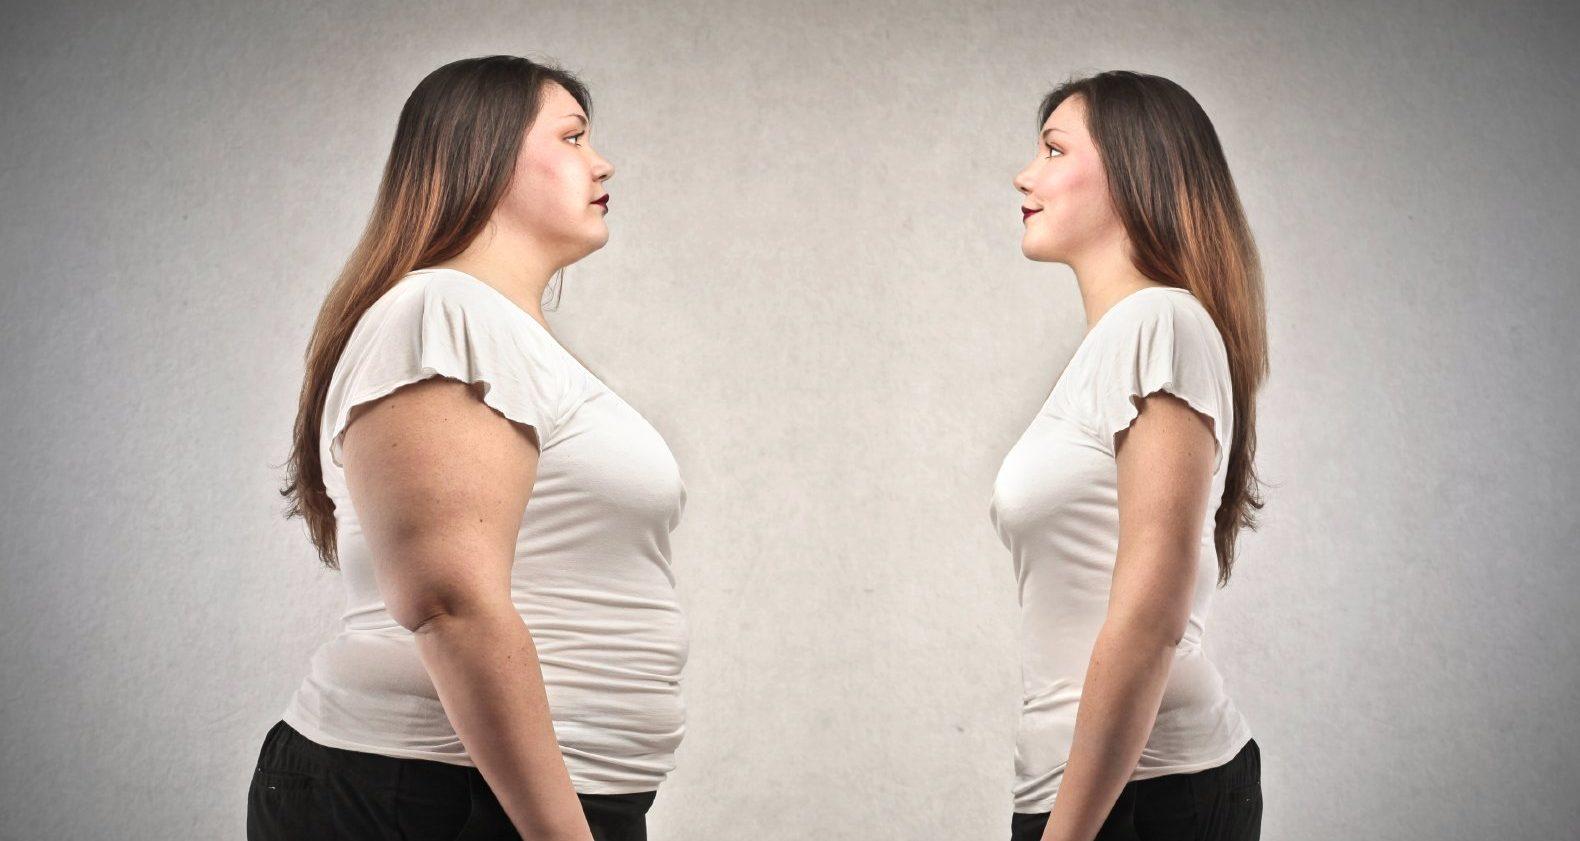 лечение ожирения гипнозом в Казани и в Москве